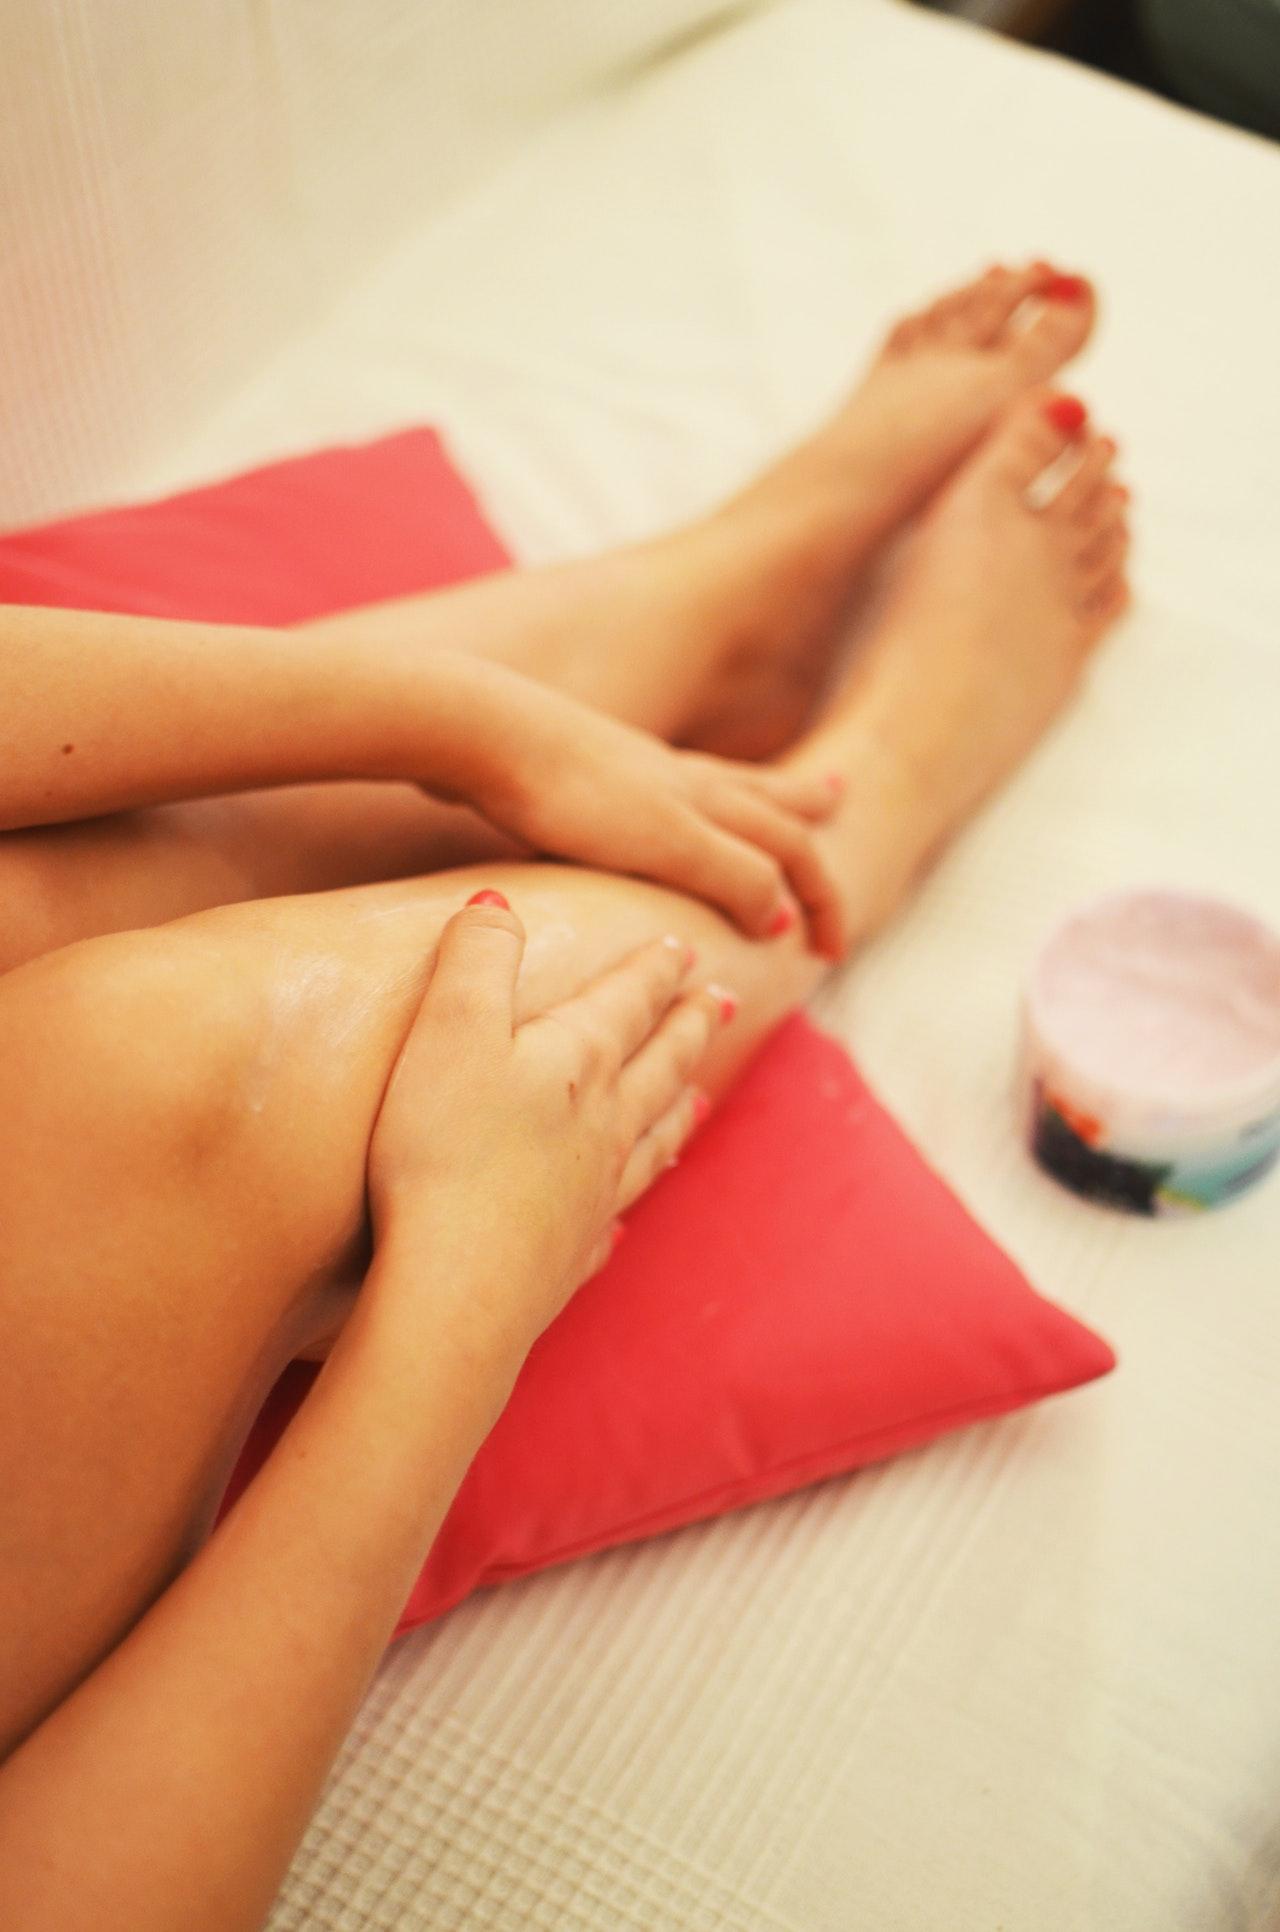 receitas caseiras para dor nas pernas